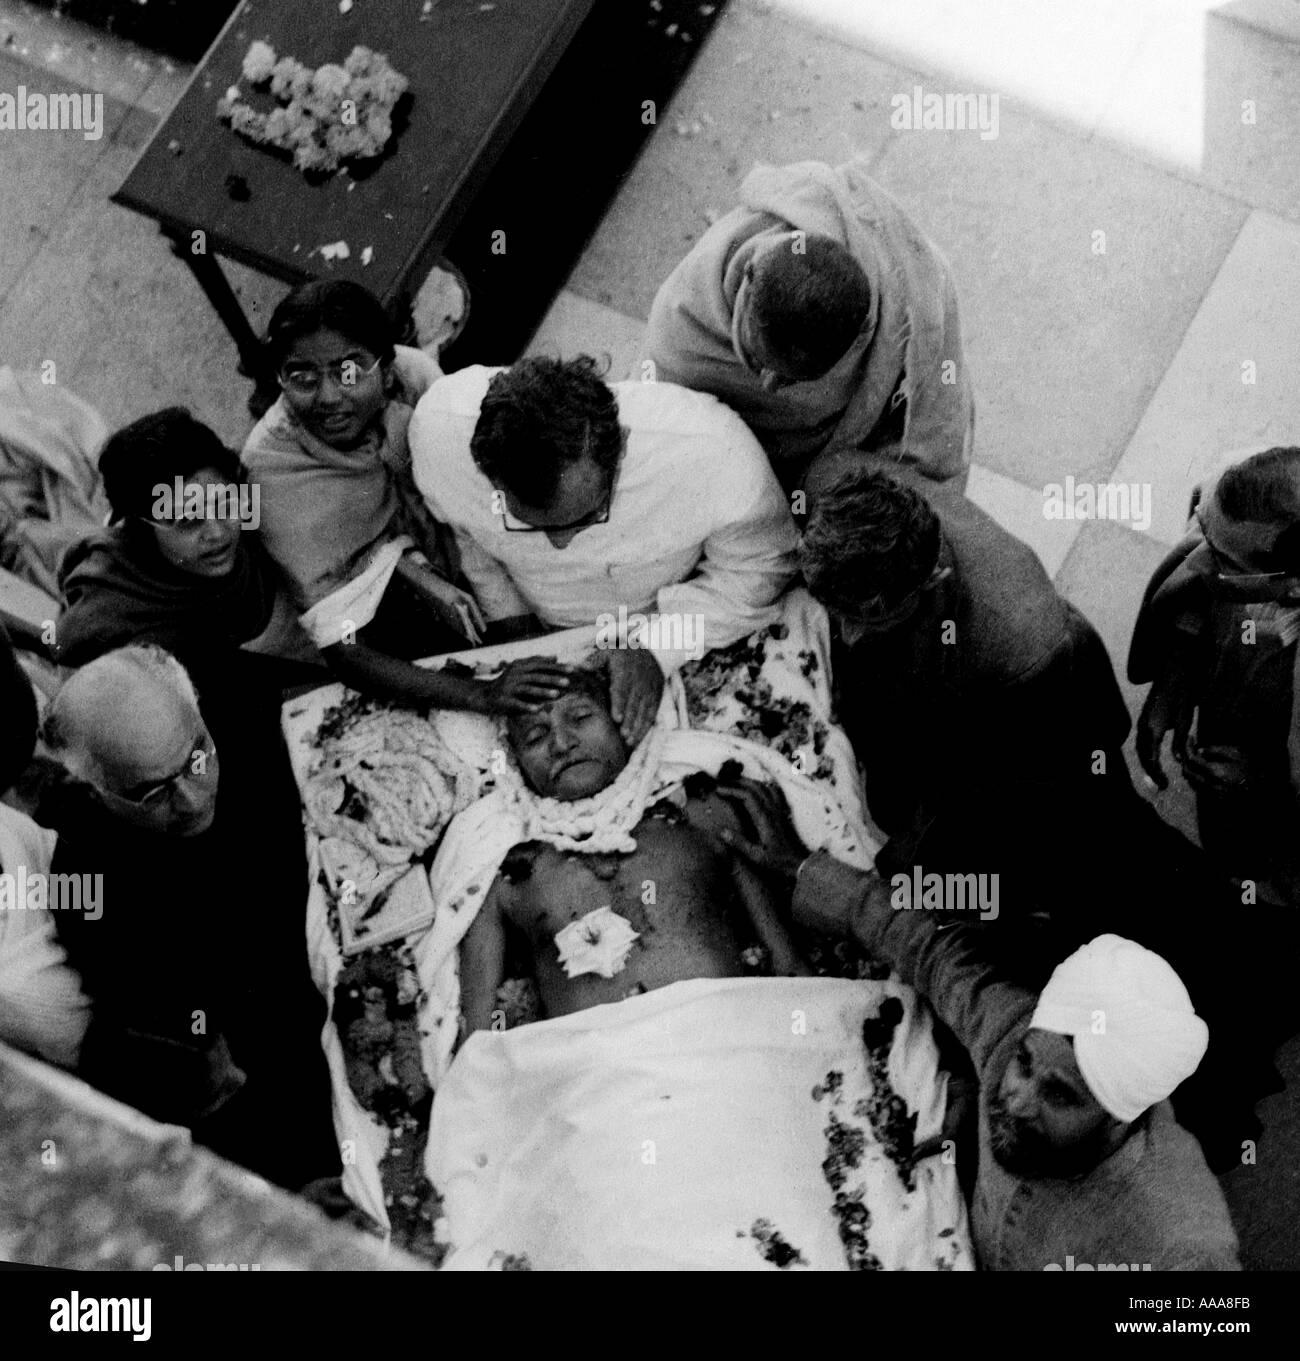 IND030602 seguaci portano il corpo di Mohandas Karamchand Gandhi o il Mahatma Gandhi a Nuova Delhi gennaio 31 1948 Gandhi la Immagini Stock